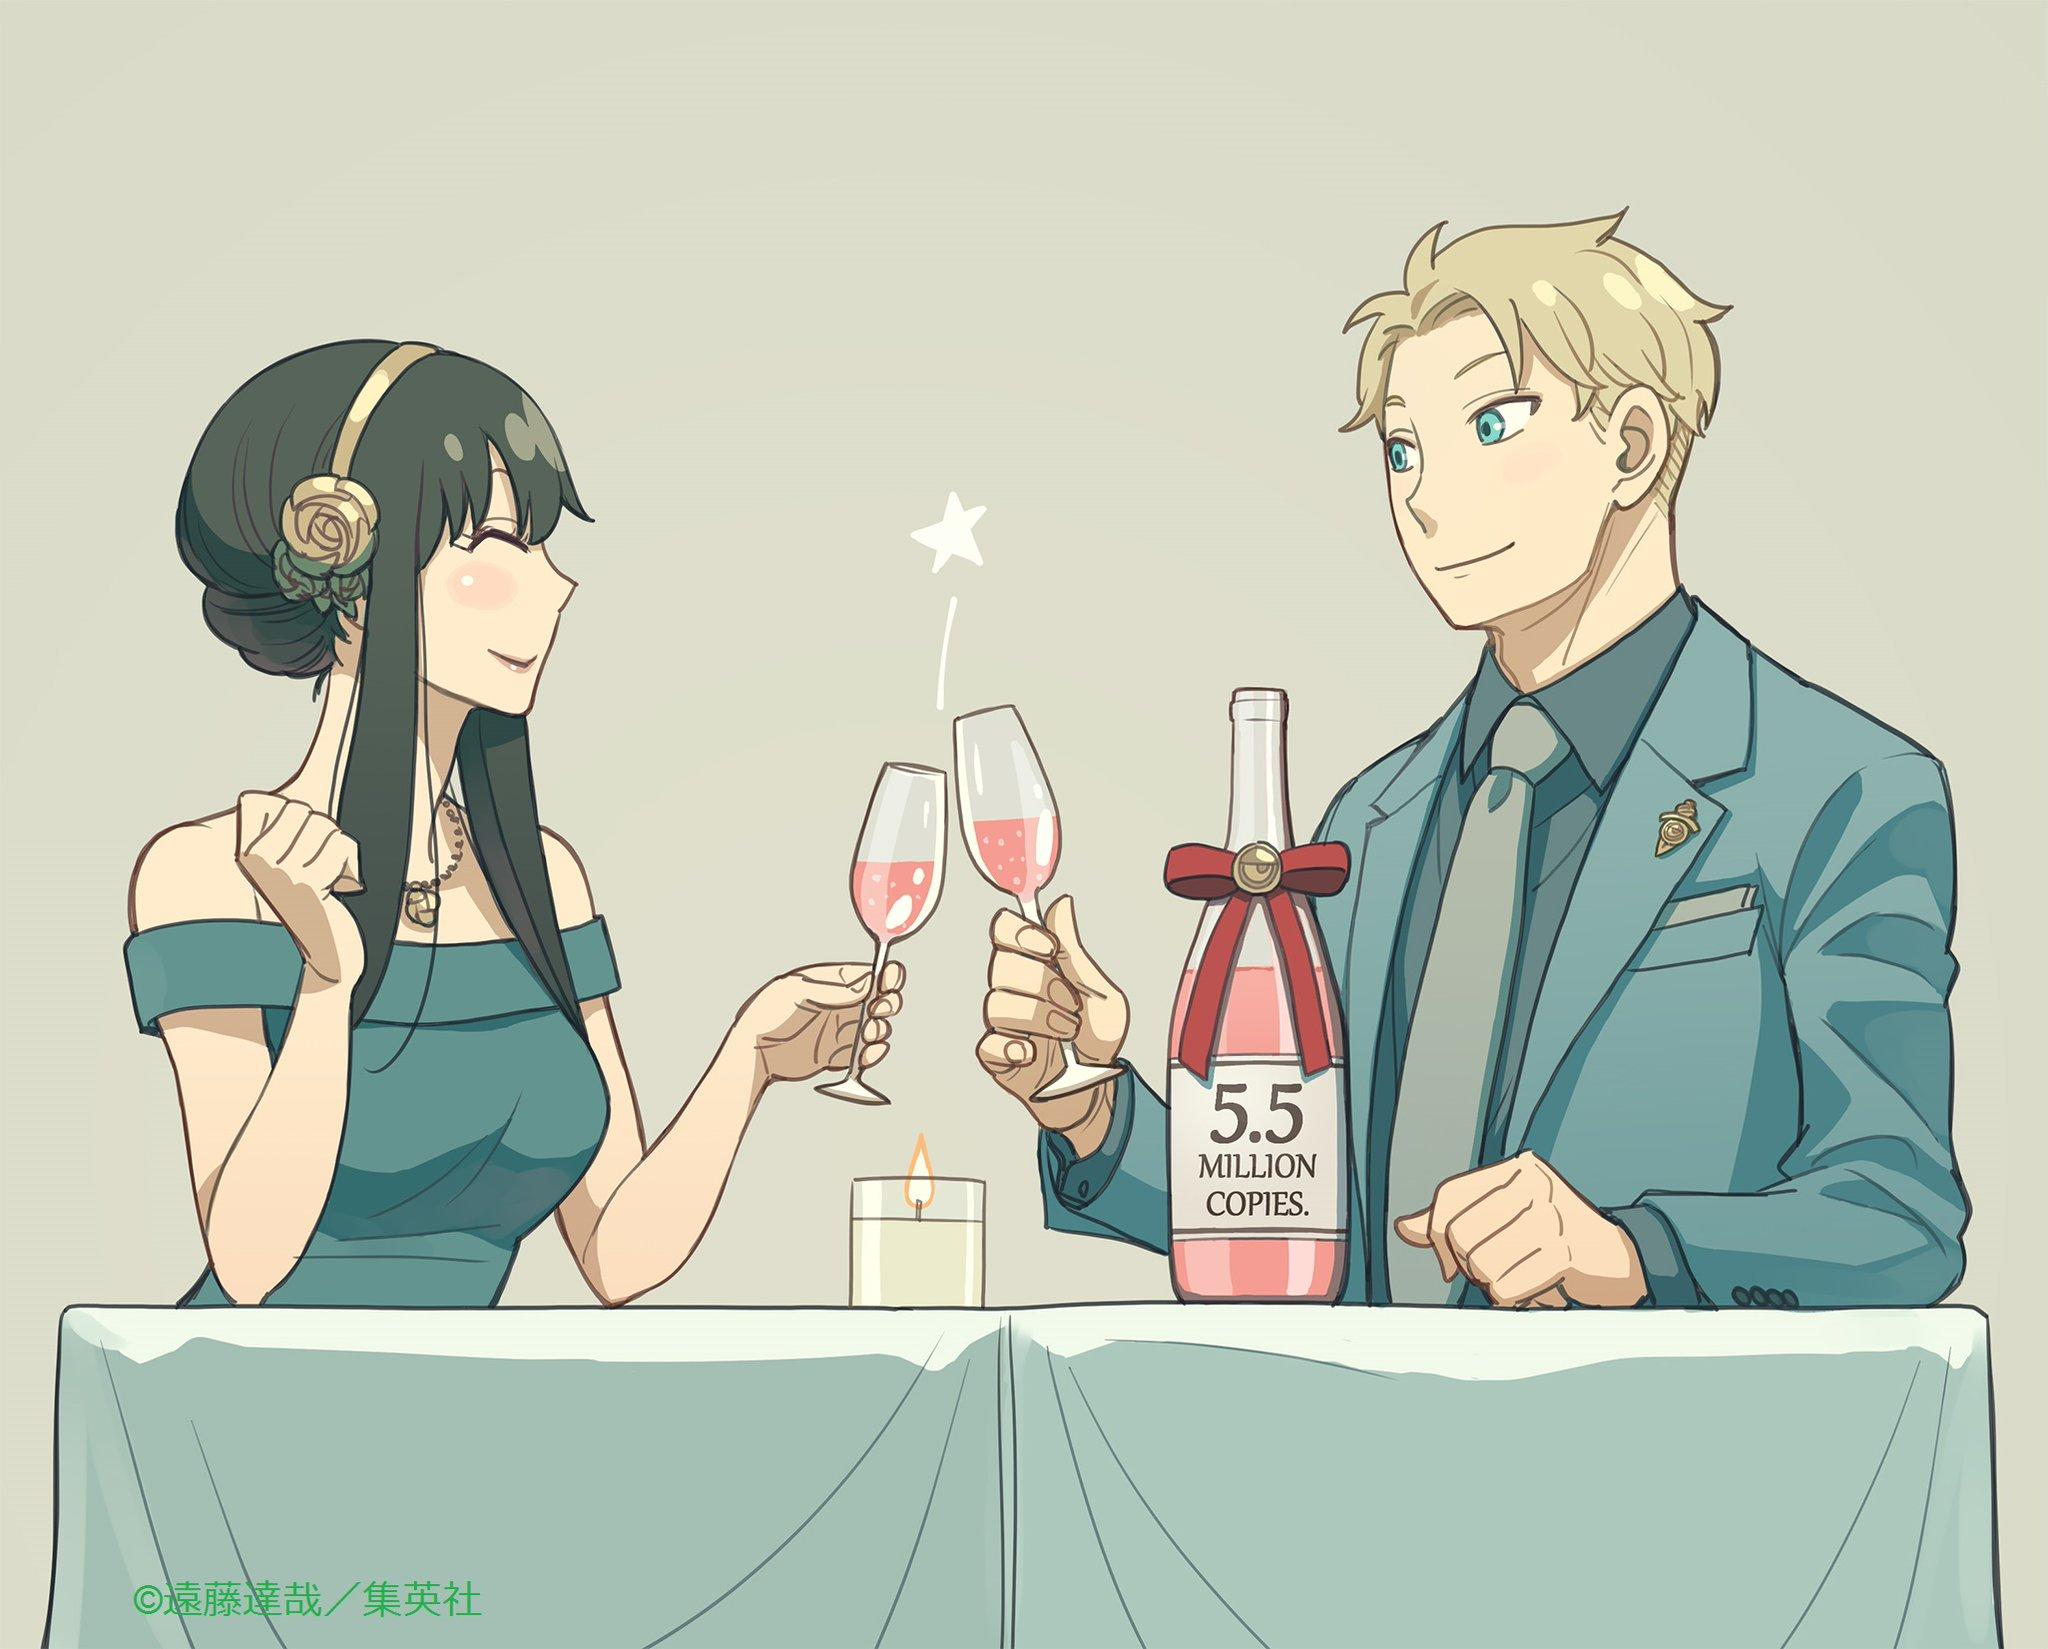 【PREVIEW】[SPY×FAMILY] - Khi điệp viên lập gia đình!